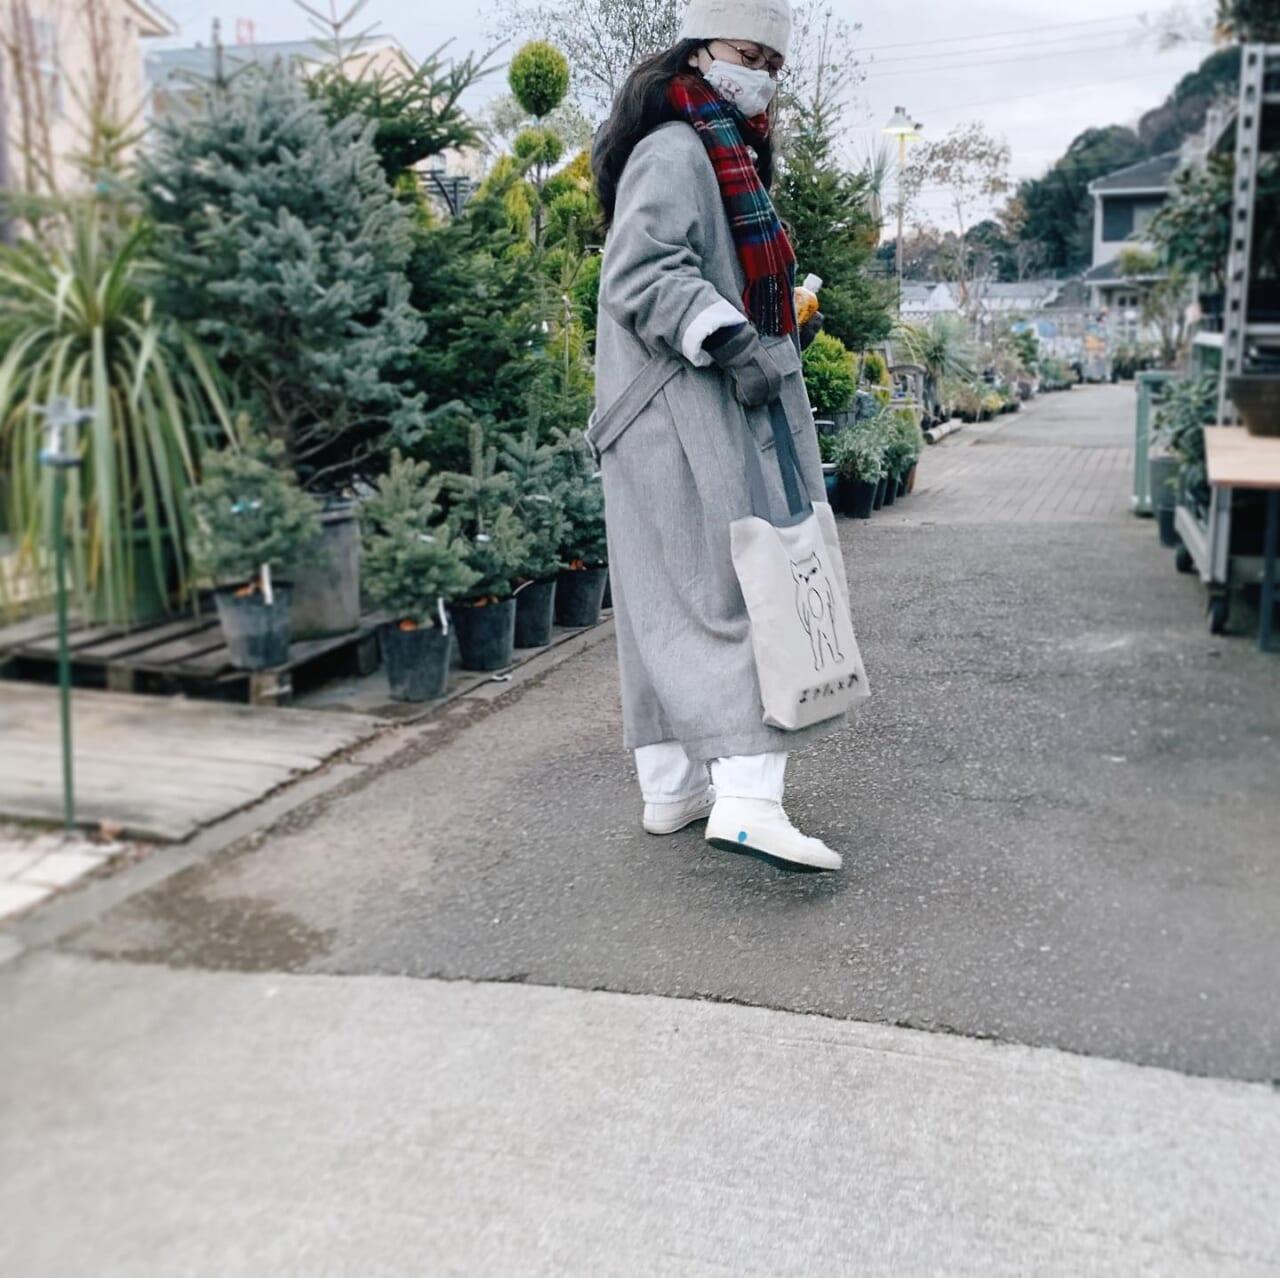 .短時間ですが冬の園芸屋さんは楽しいyumiさんが送ってくださったエクリュさんのバッグ︎.熊本でされていたすてきなエクリュさんのイベント、この状況じゃなければ伺いたかったです。yumiさん、いつもお気遣いほんとうにありがとうございます。バッグとてもとてもうれしいです︎..寒いから届いたばかりのmillennium paradeのフーディーをいそいそ着てきましたが…見えない..#メガネ女子 #曇り止め→ひとつ前の投稿のおすすめ.2021.01.11 これからタンタンお迎えに🐈